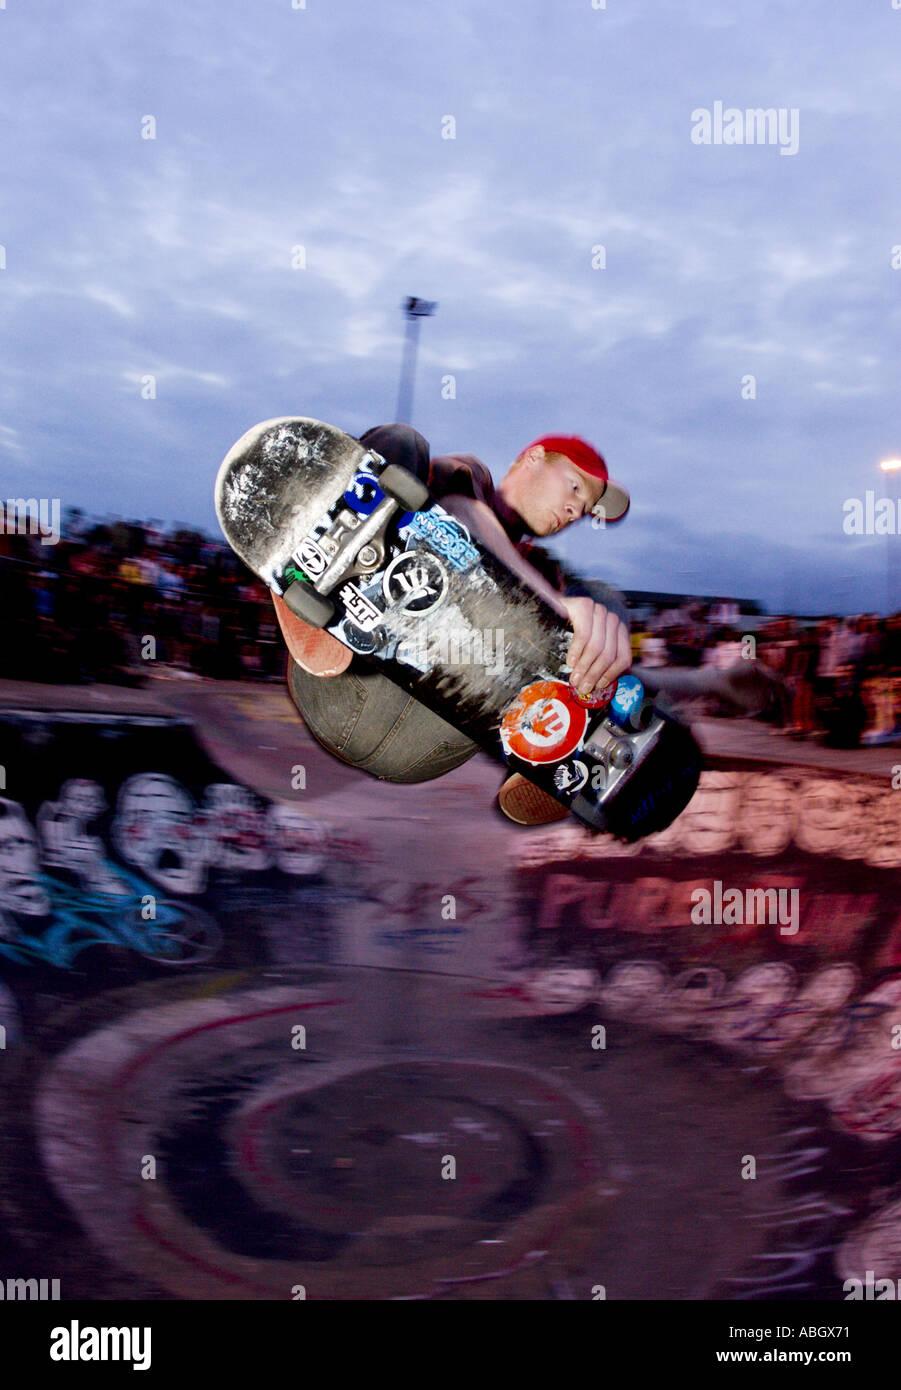 Skateboarding trick - Stock Image